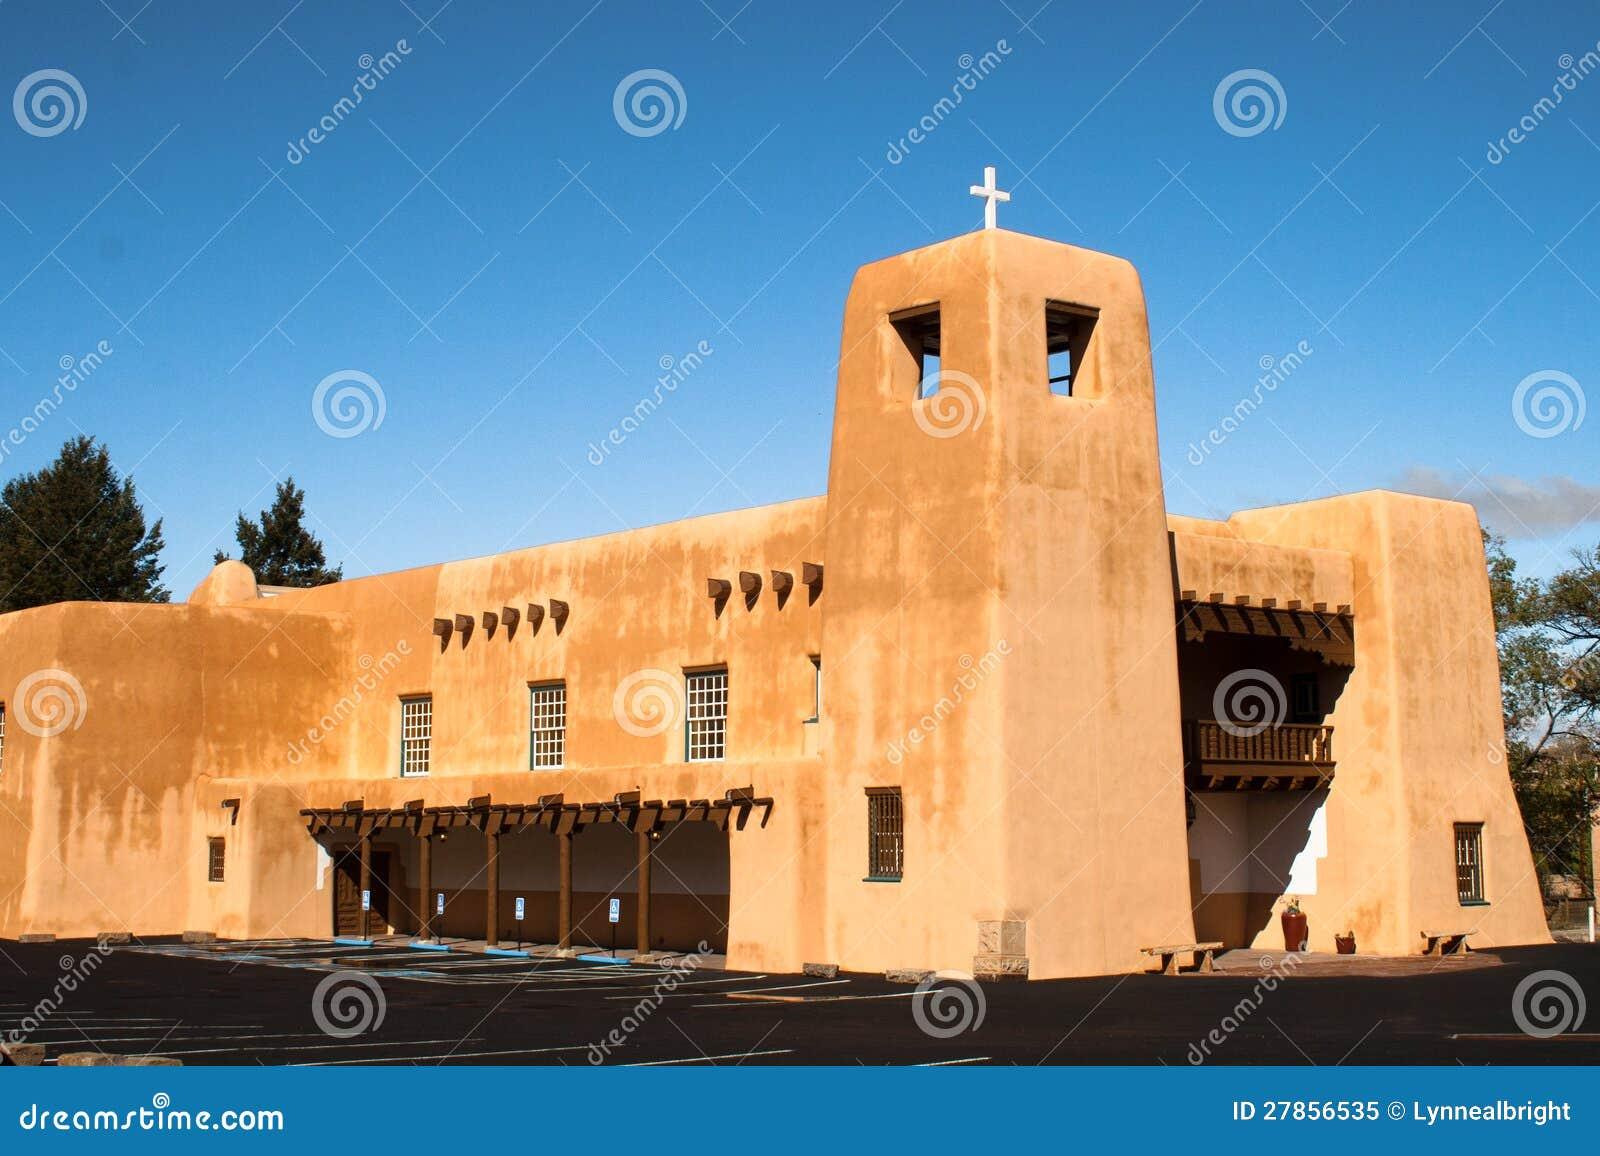 Adobe Kościół